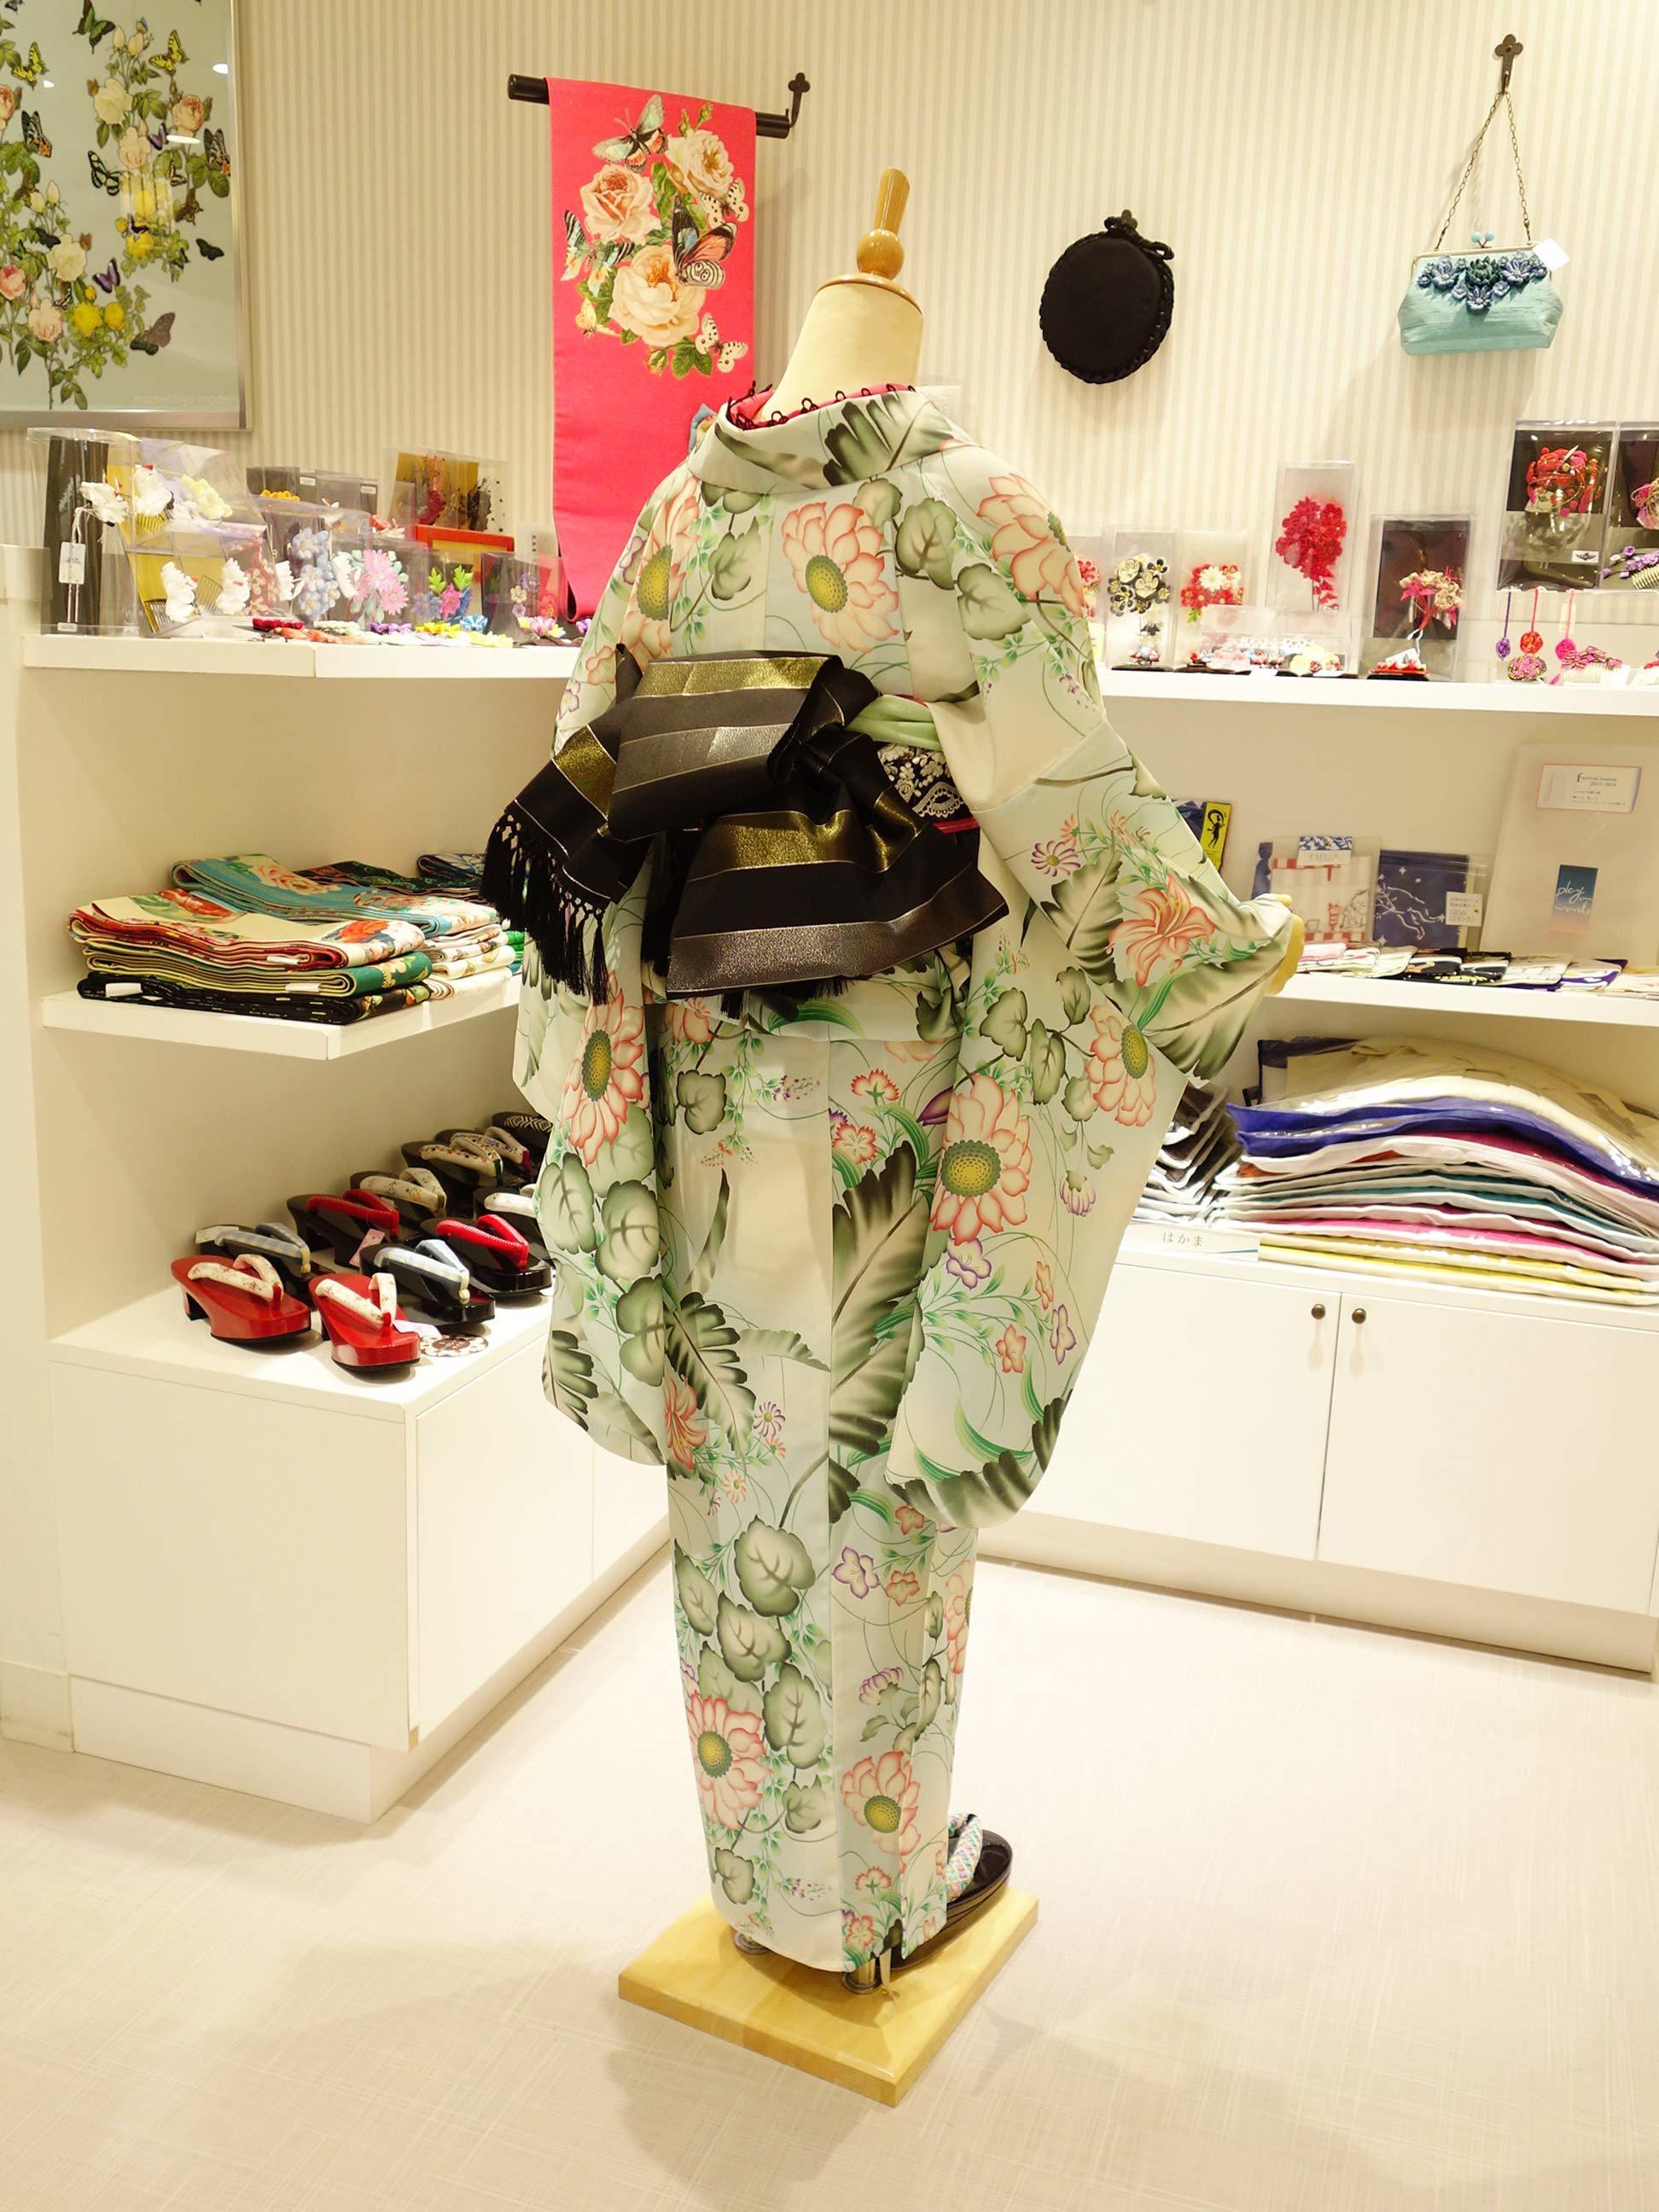 浴衣「夏霞」×単衣博多織帯「ひとへこえ」コーディネイト_e0167832_15412908.jpg